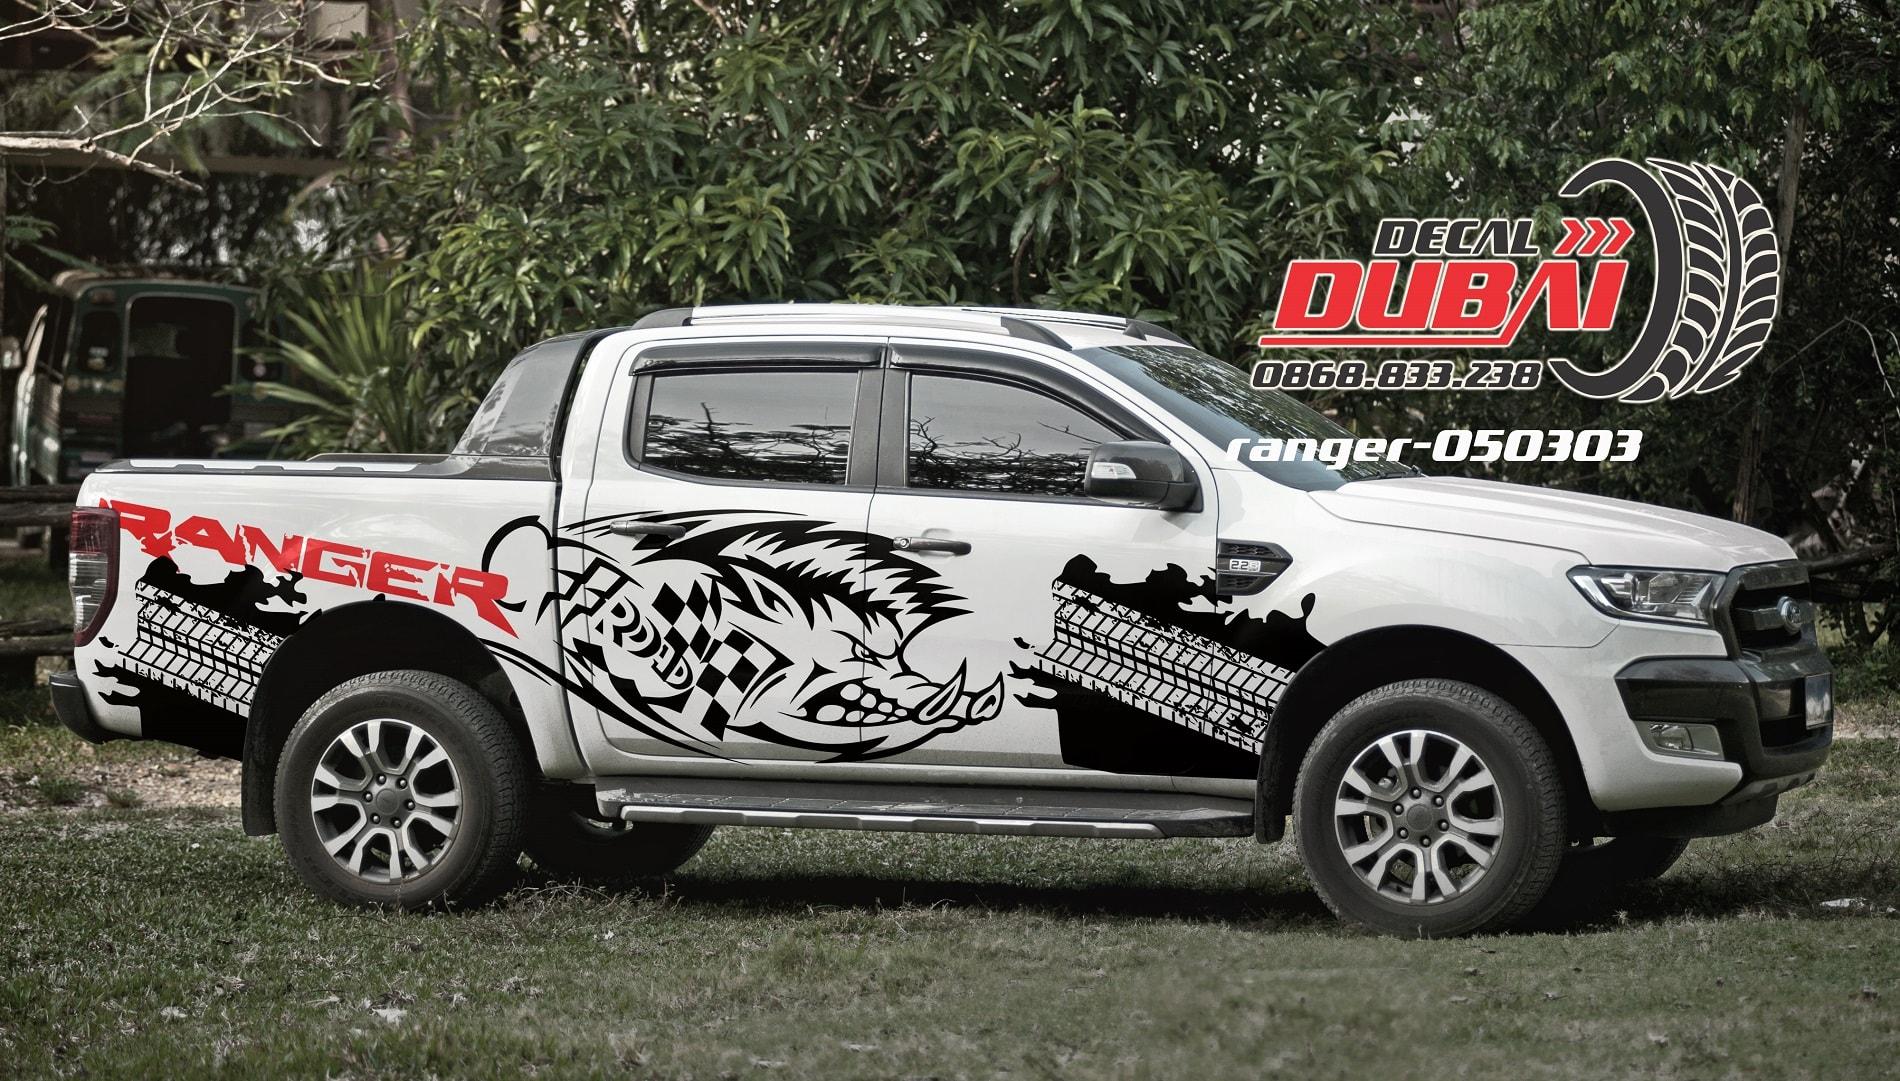 Tem-xe-ranger-050303.1-1750k-min